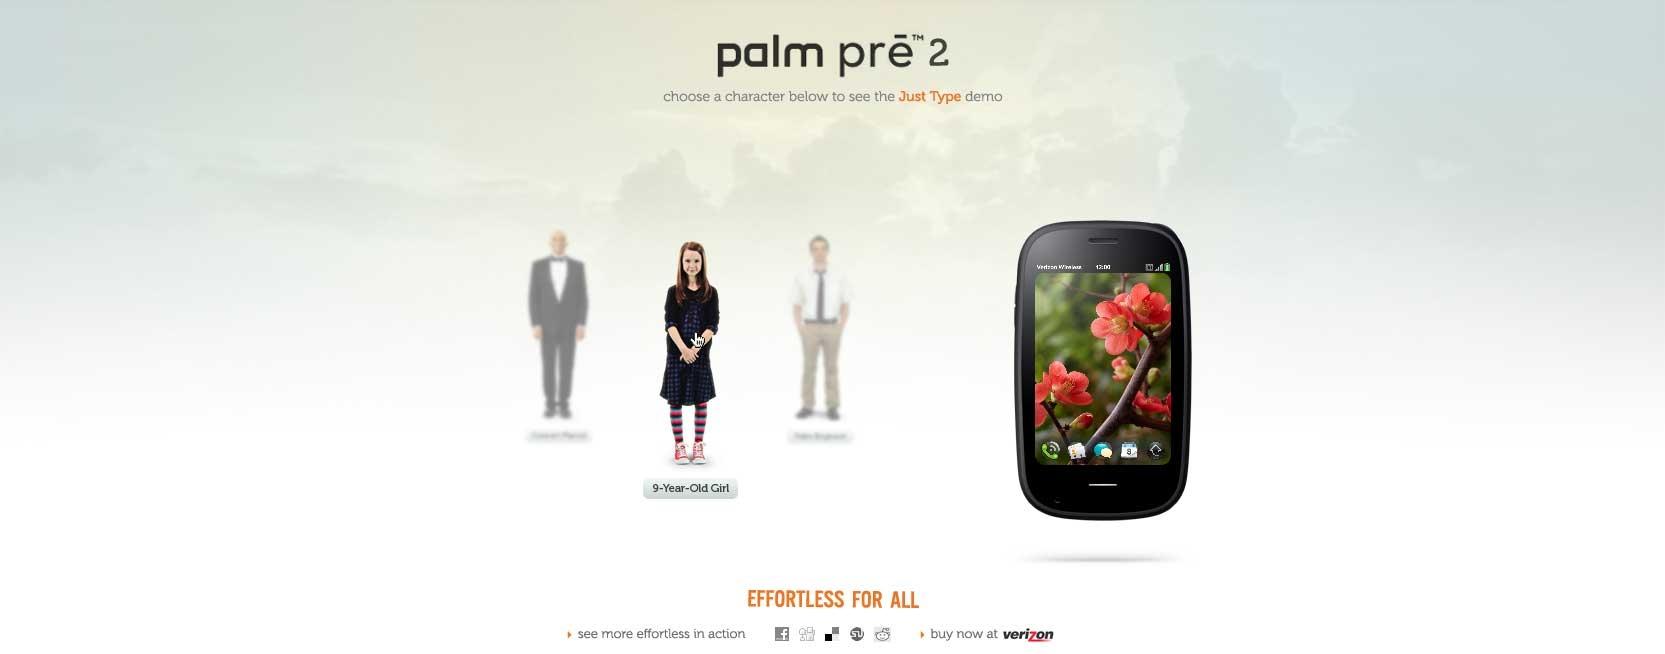 VBP_Palm_EM_iFrame_104_f2.jpg